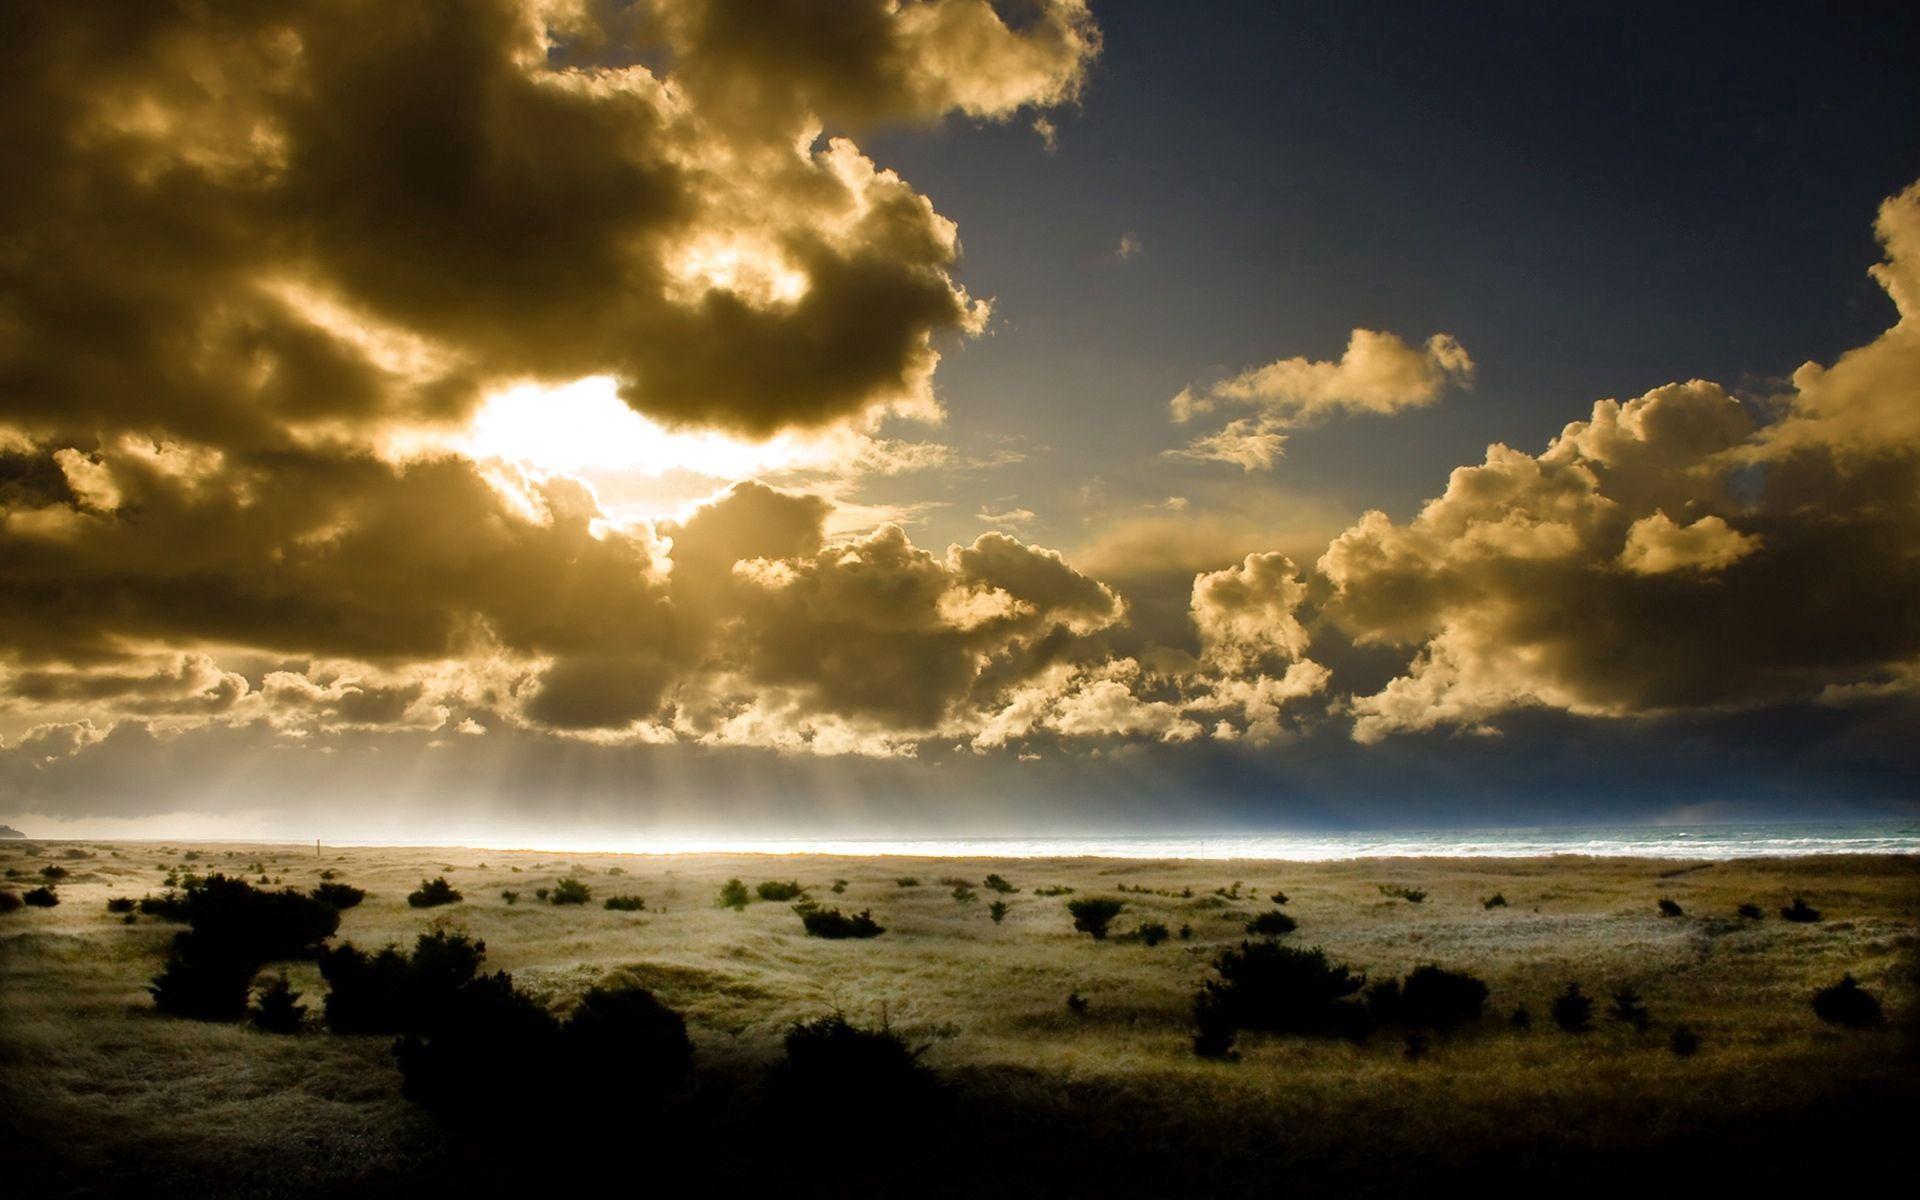 90056 скачать обои Природа, Облака, Свет, Очертания, Земля, Небо, Лучи, Кусты, Солнце - заставки и картинки бесплатно